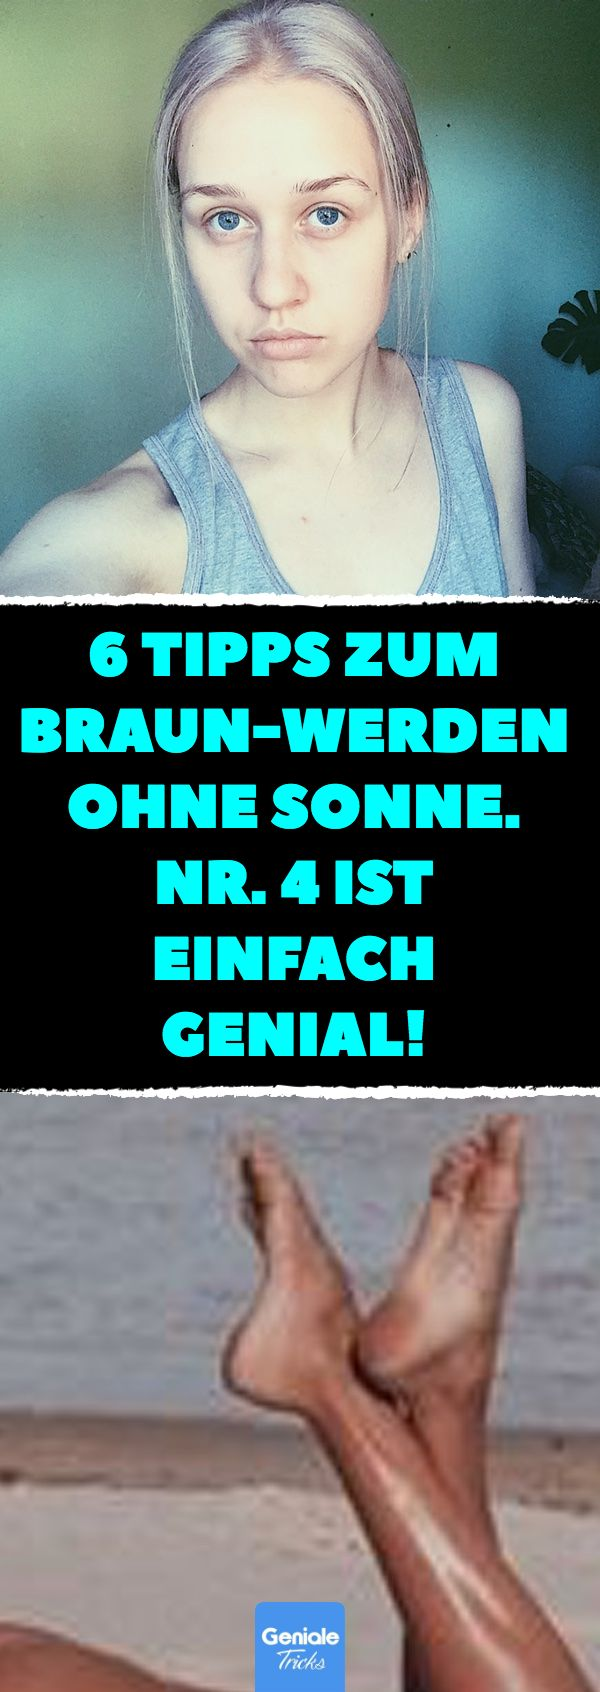 6 Tipps, zum Braun-Werden ohne Sonne. Nr. 4 ist ei…